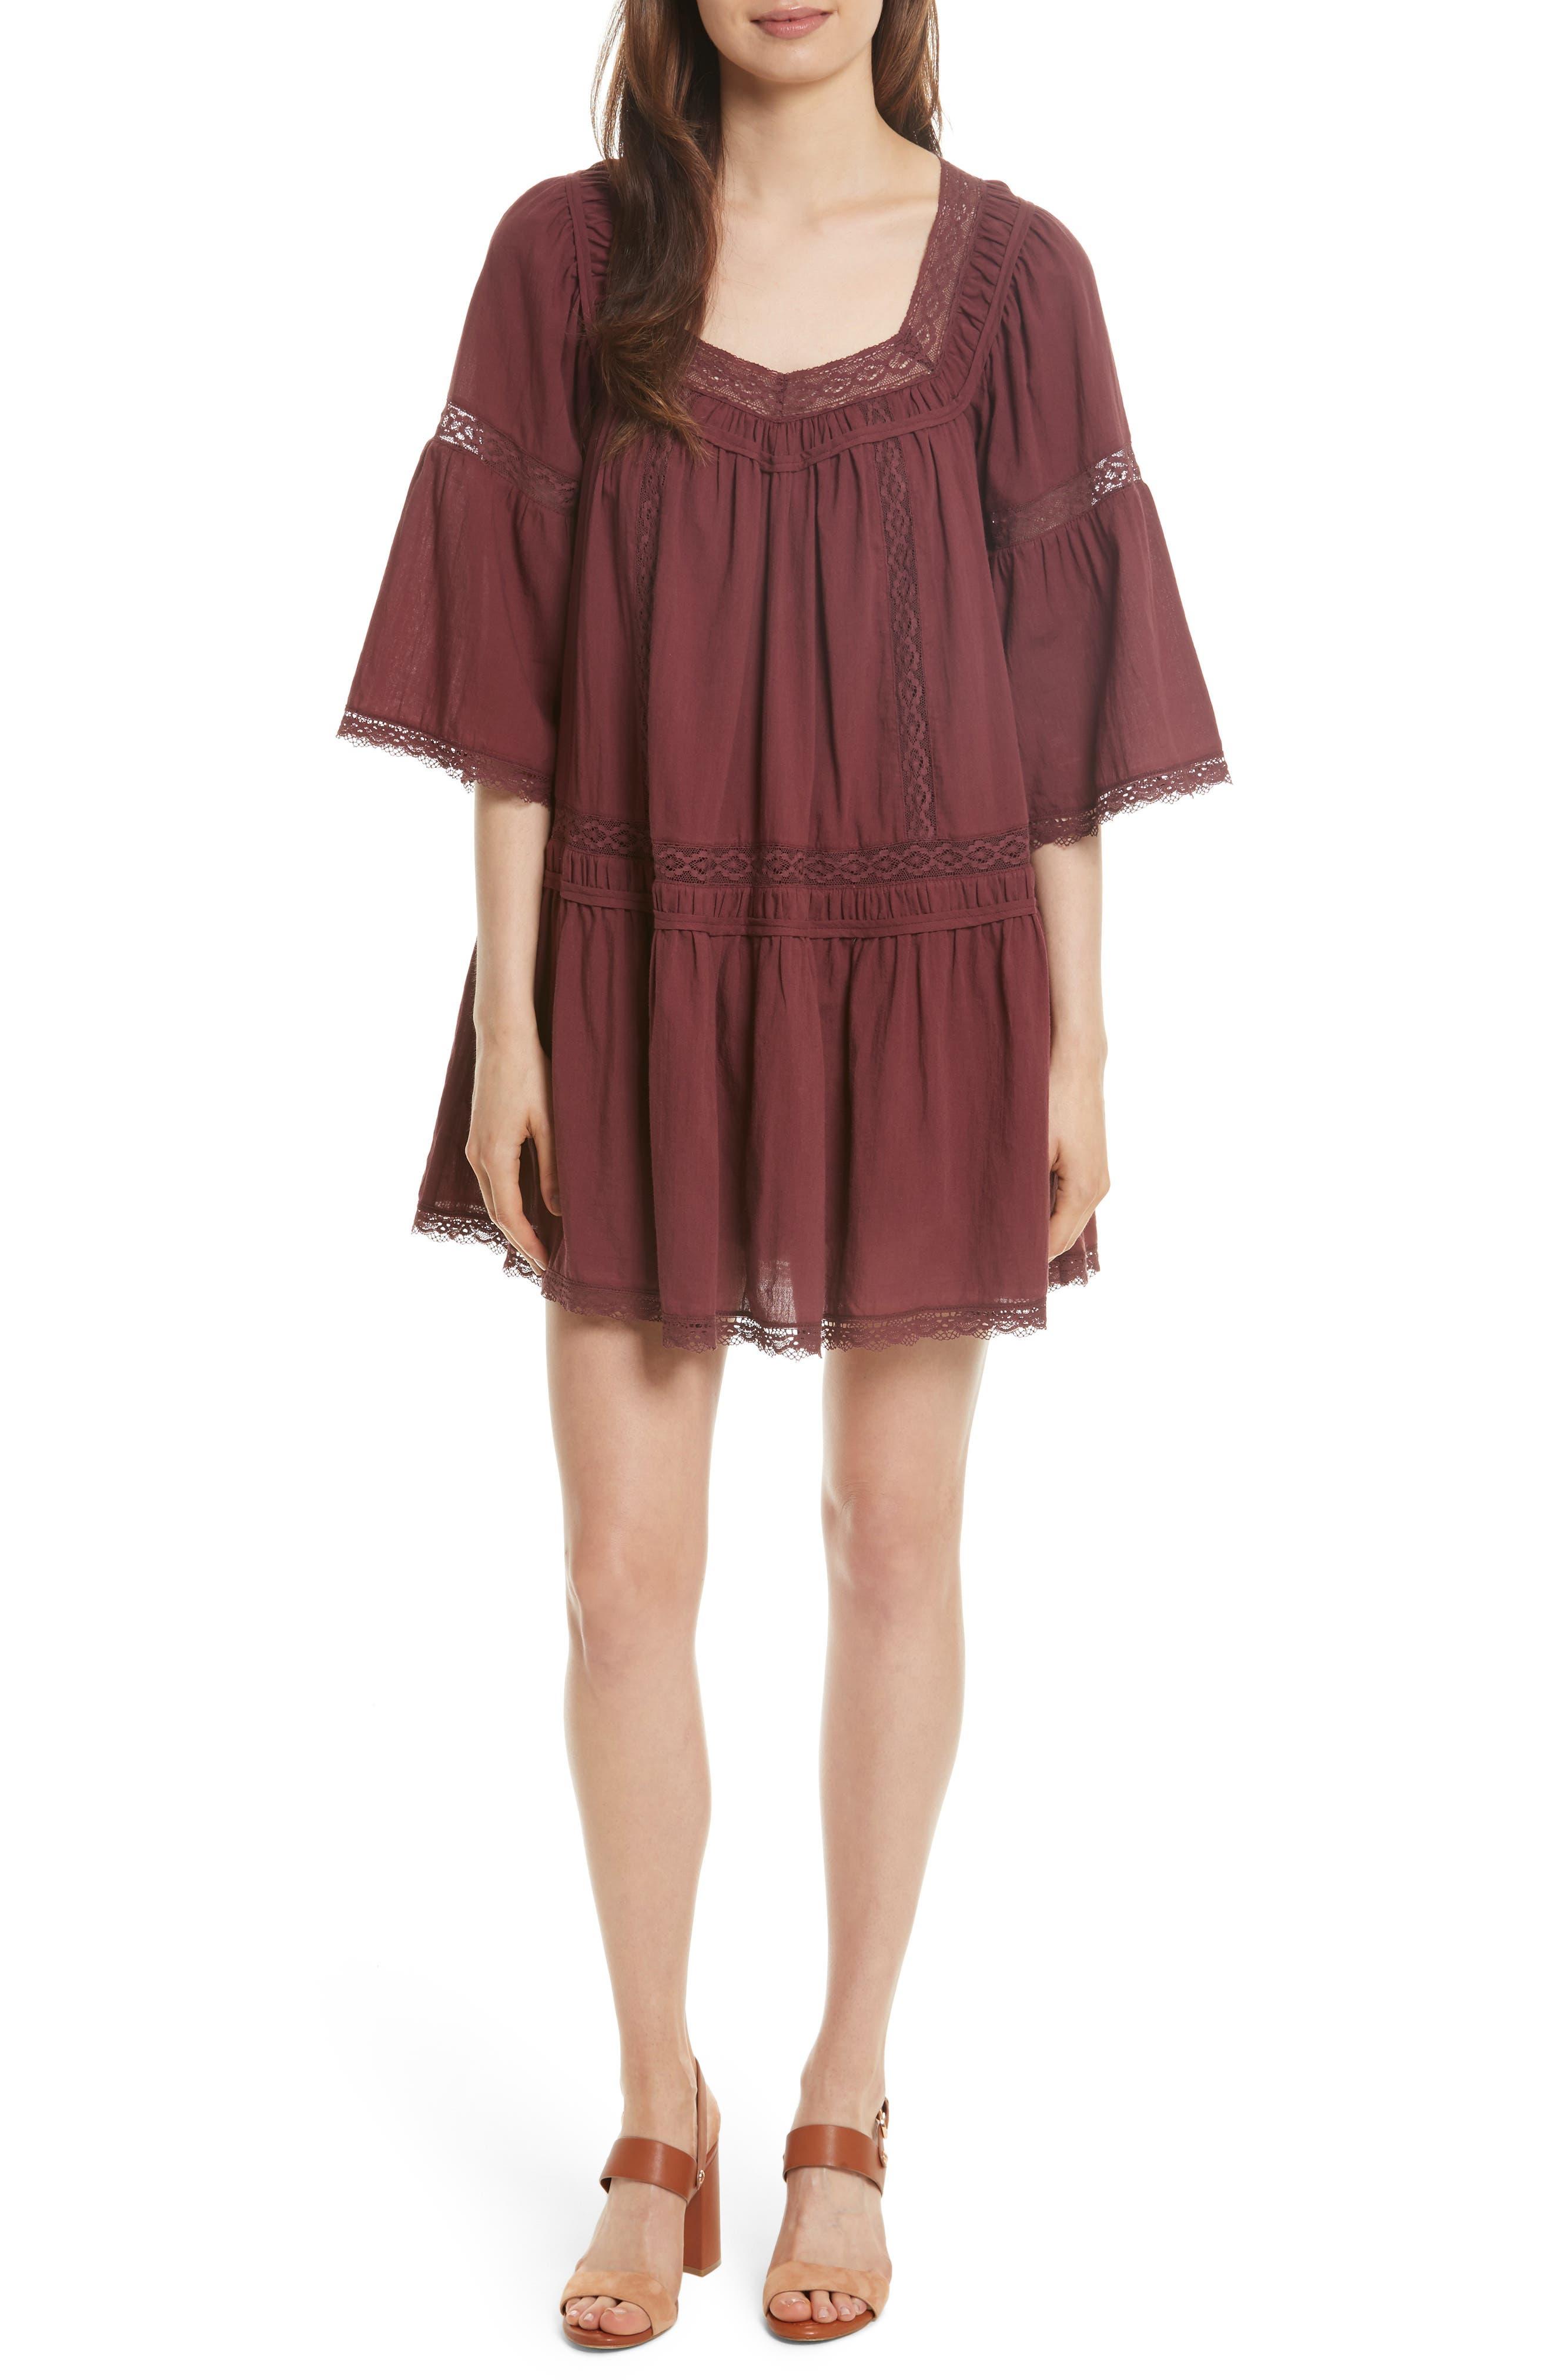 LA VIE REBECCA TAYLOR Lace Trim Gauze Babydoll Dress